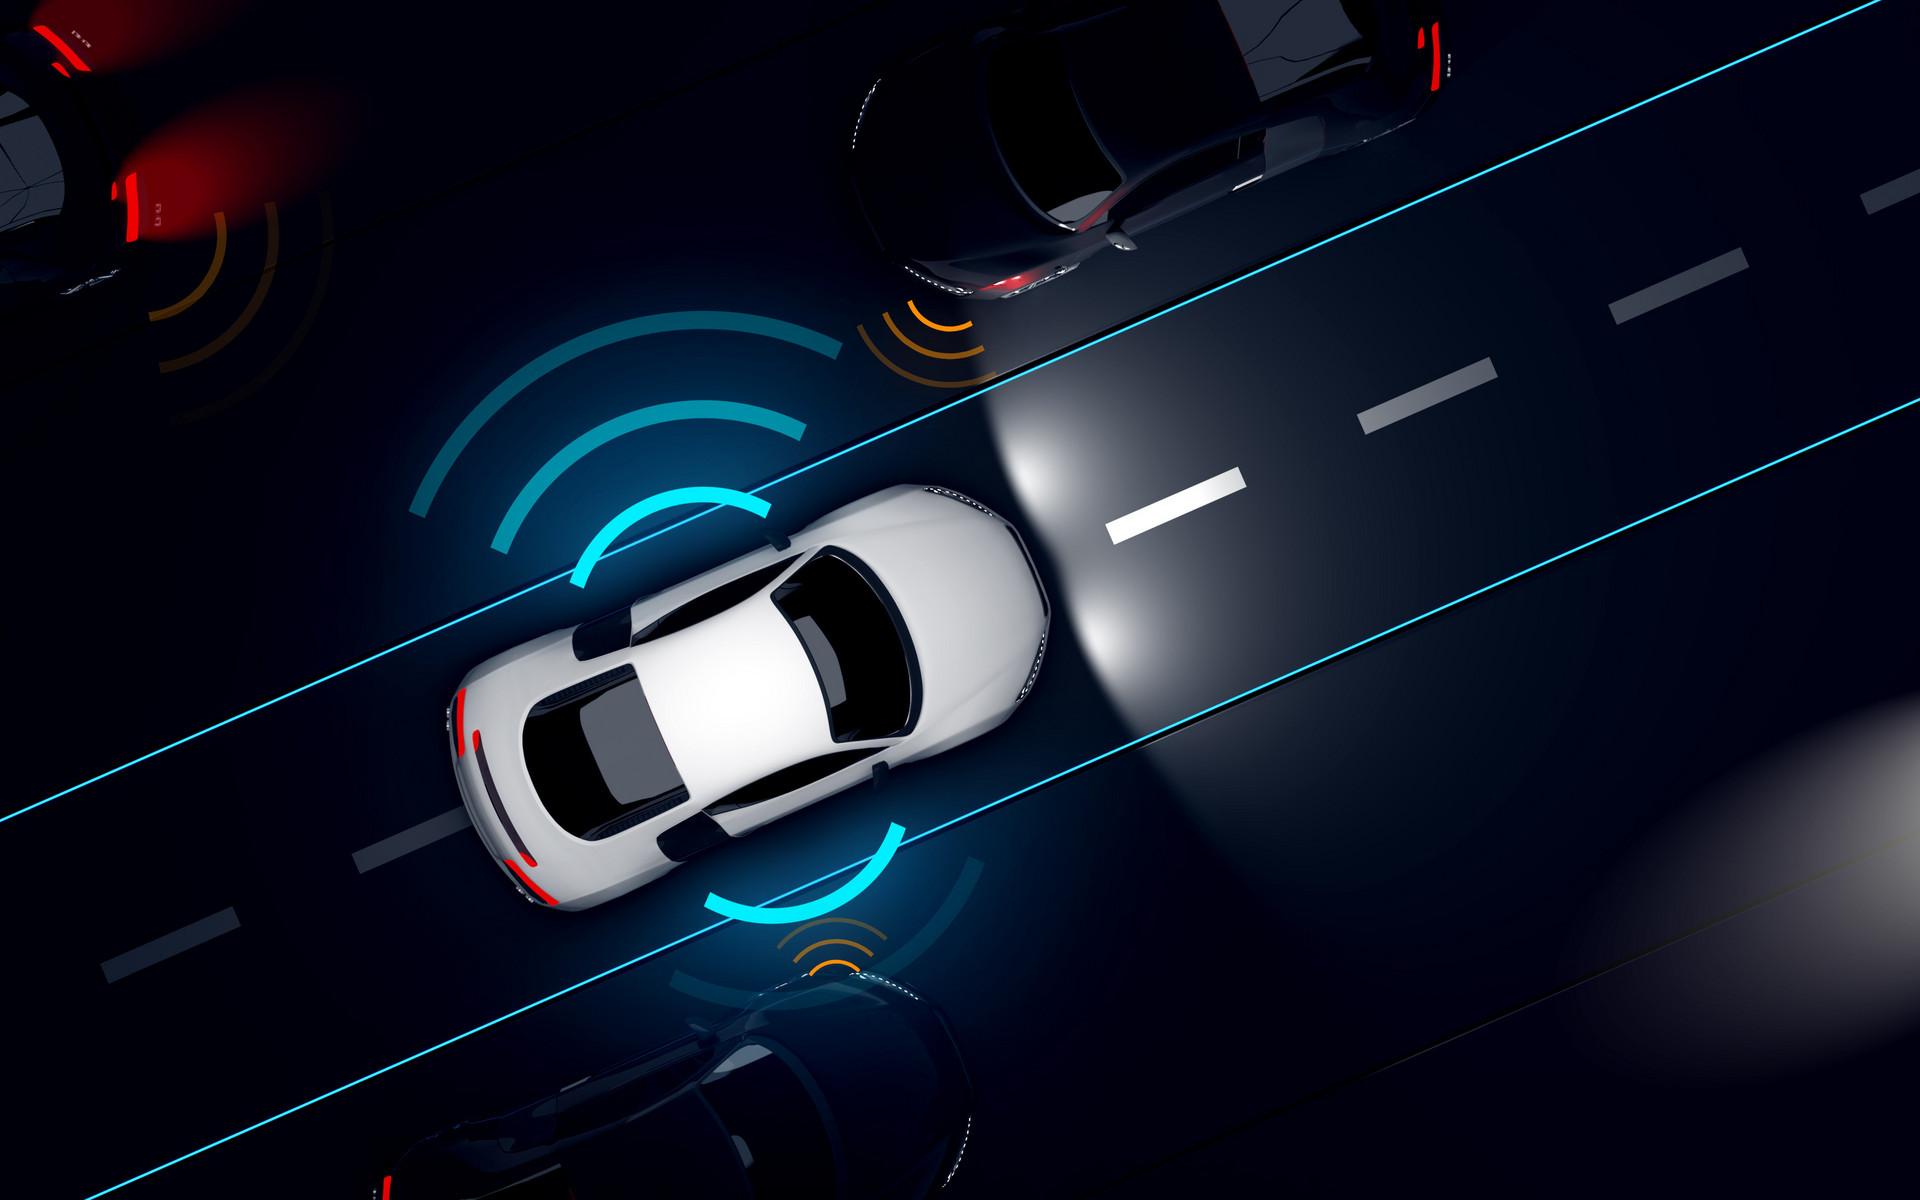 苹果新专利!涉自动驾驶汽车无线充电技术